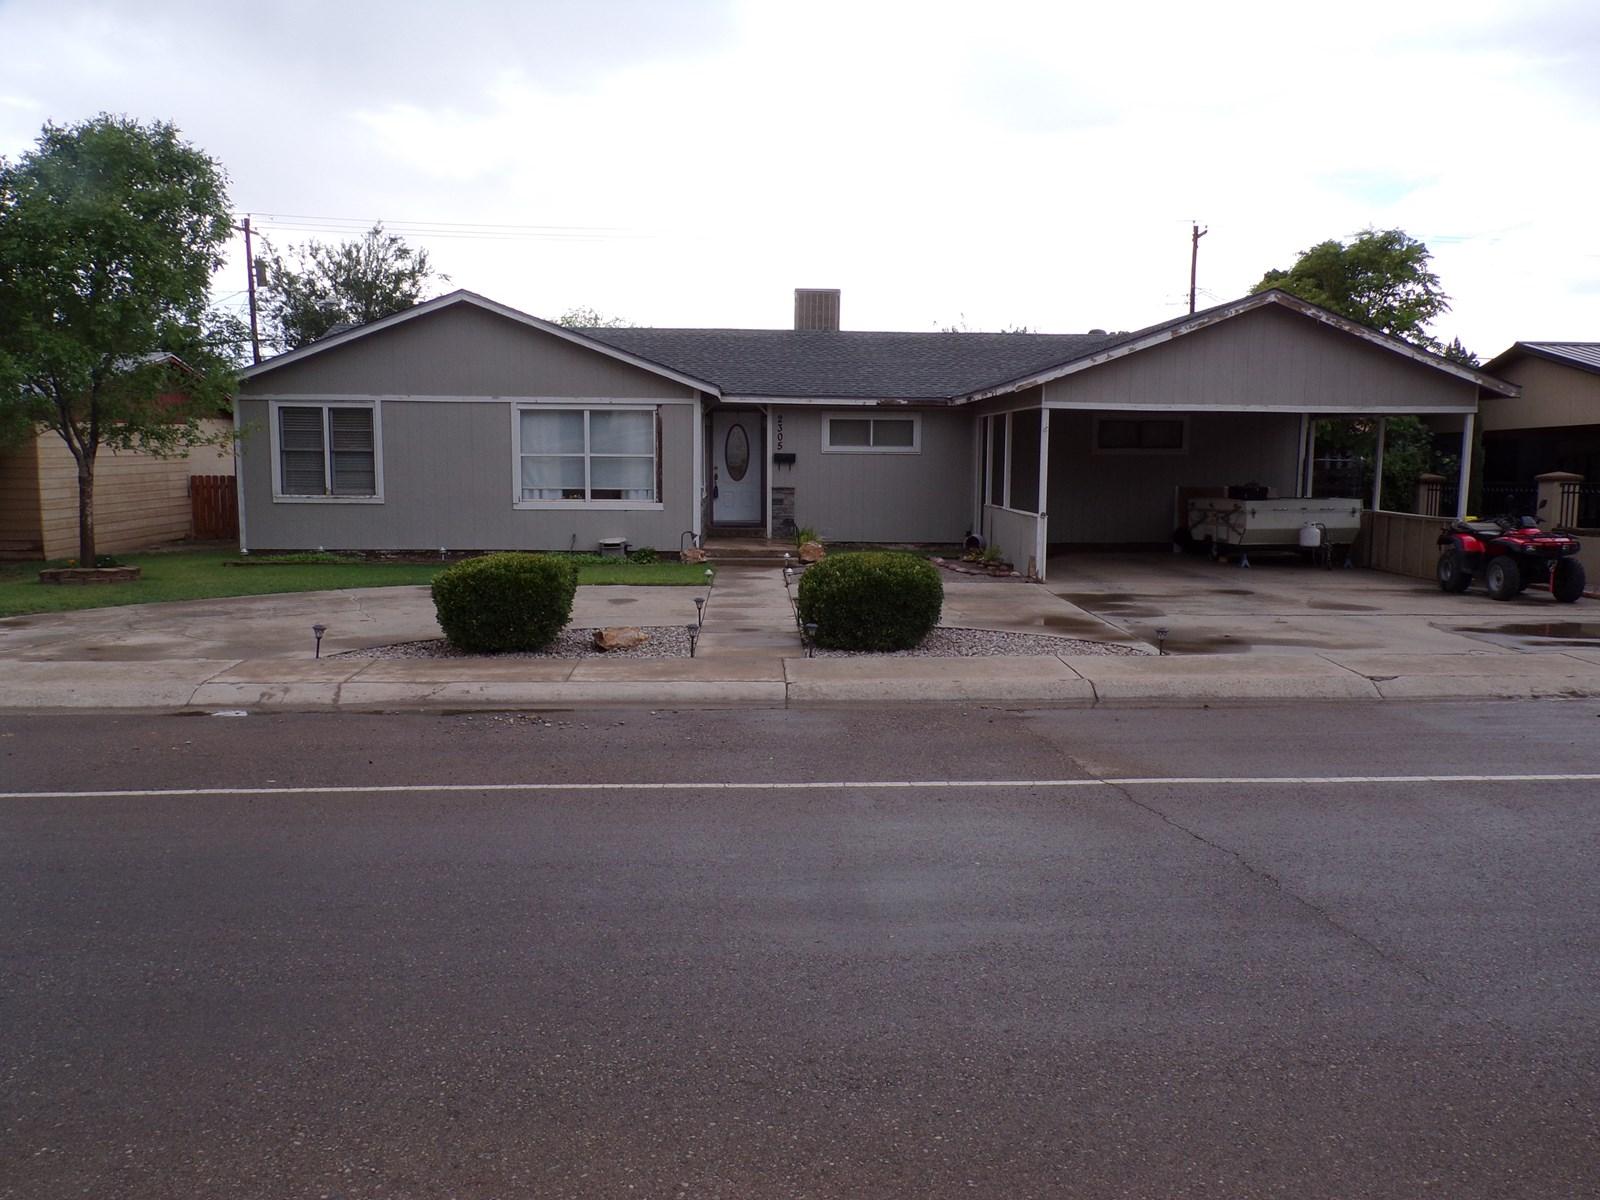 4 Bedroom 2 Bath Home in Alamogordo, NM